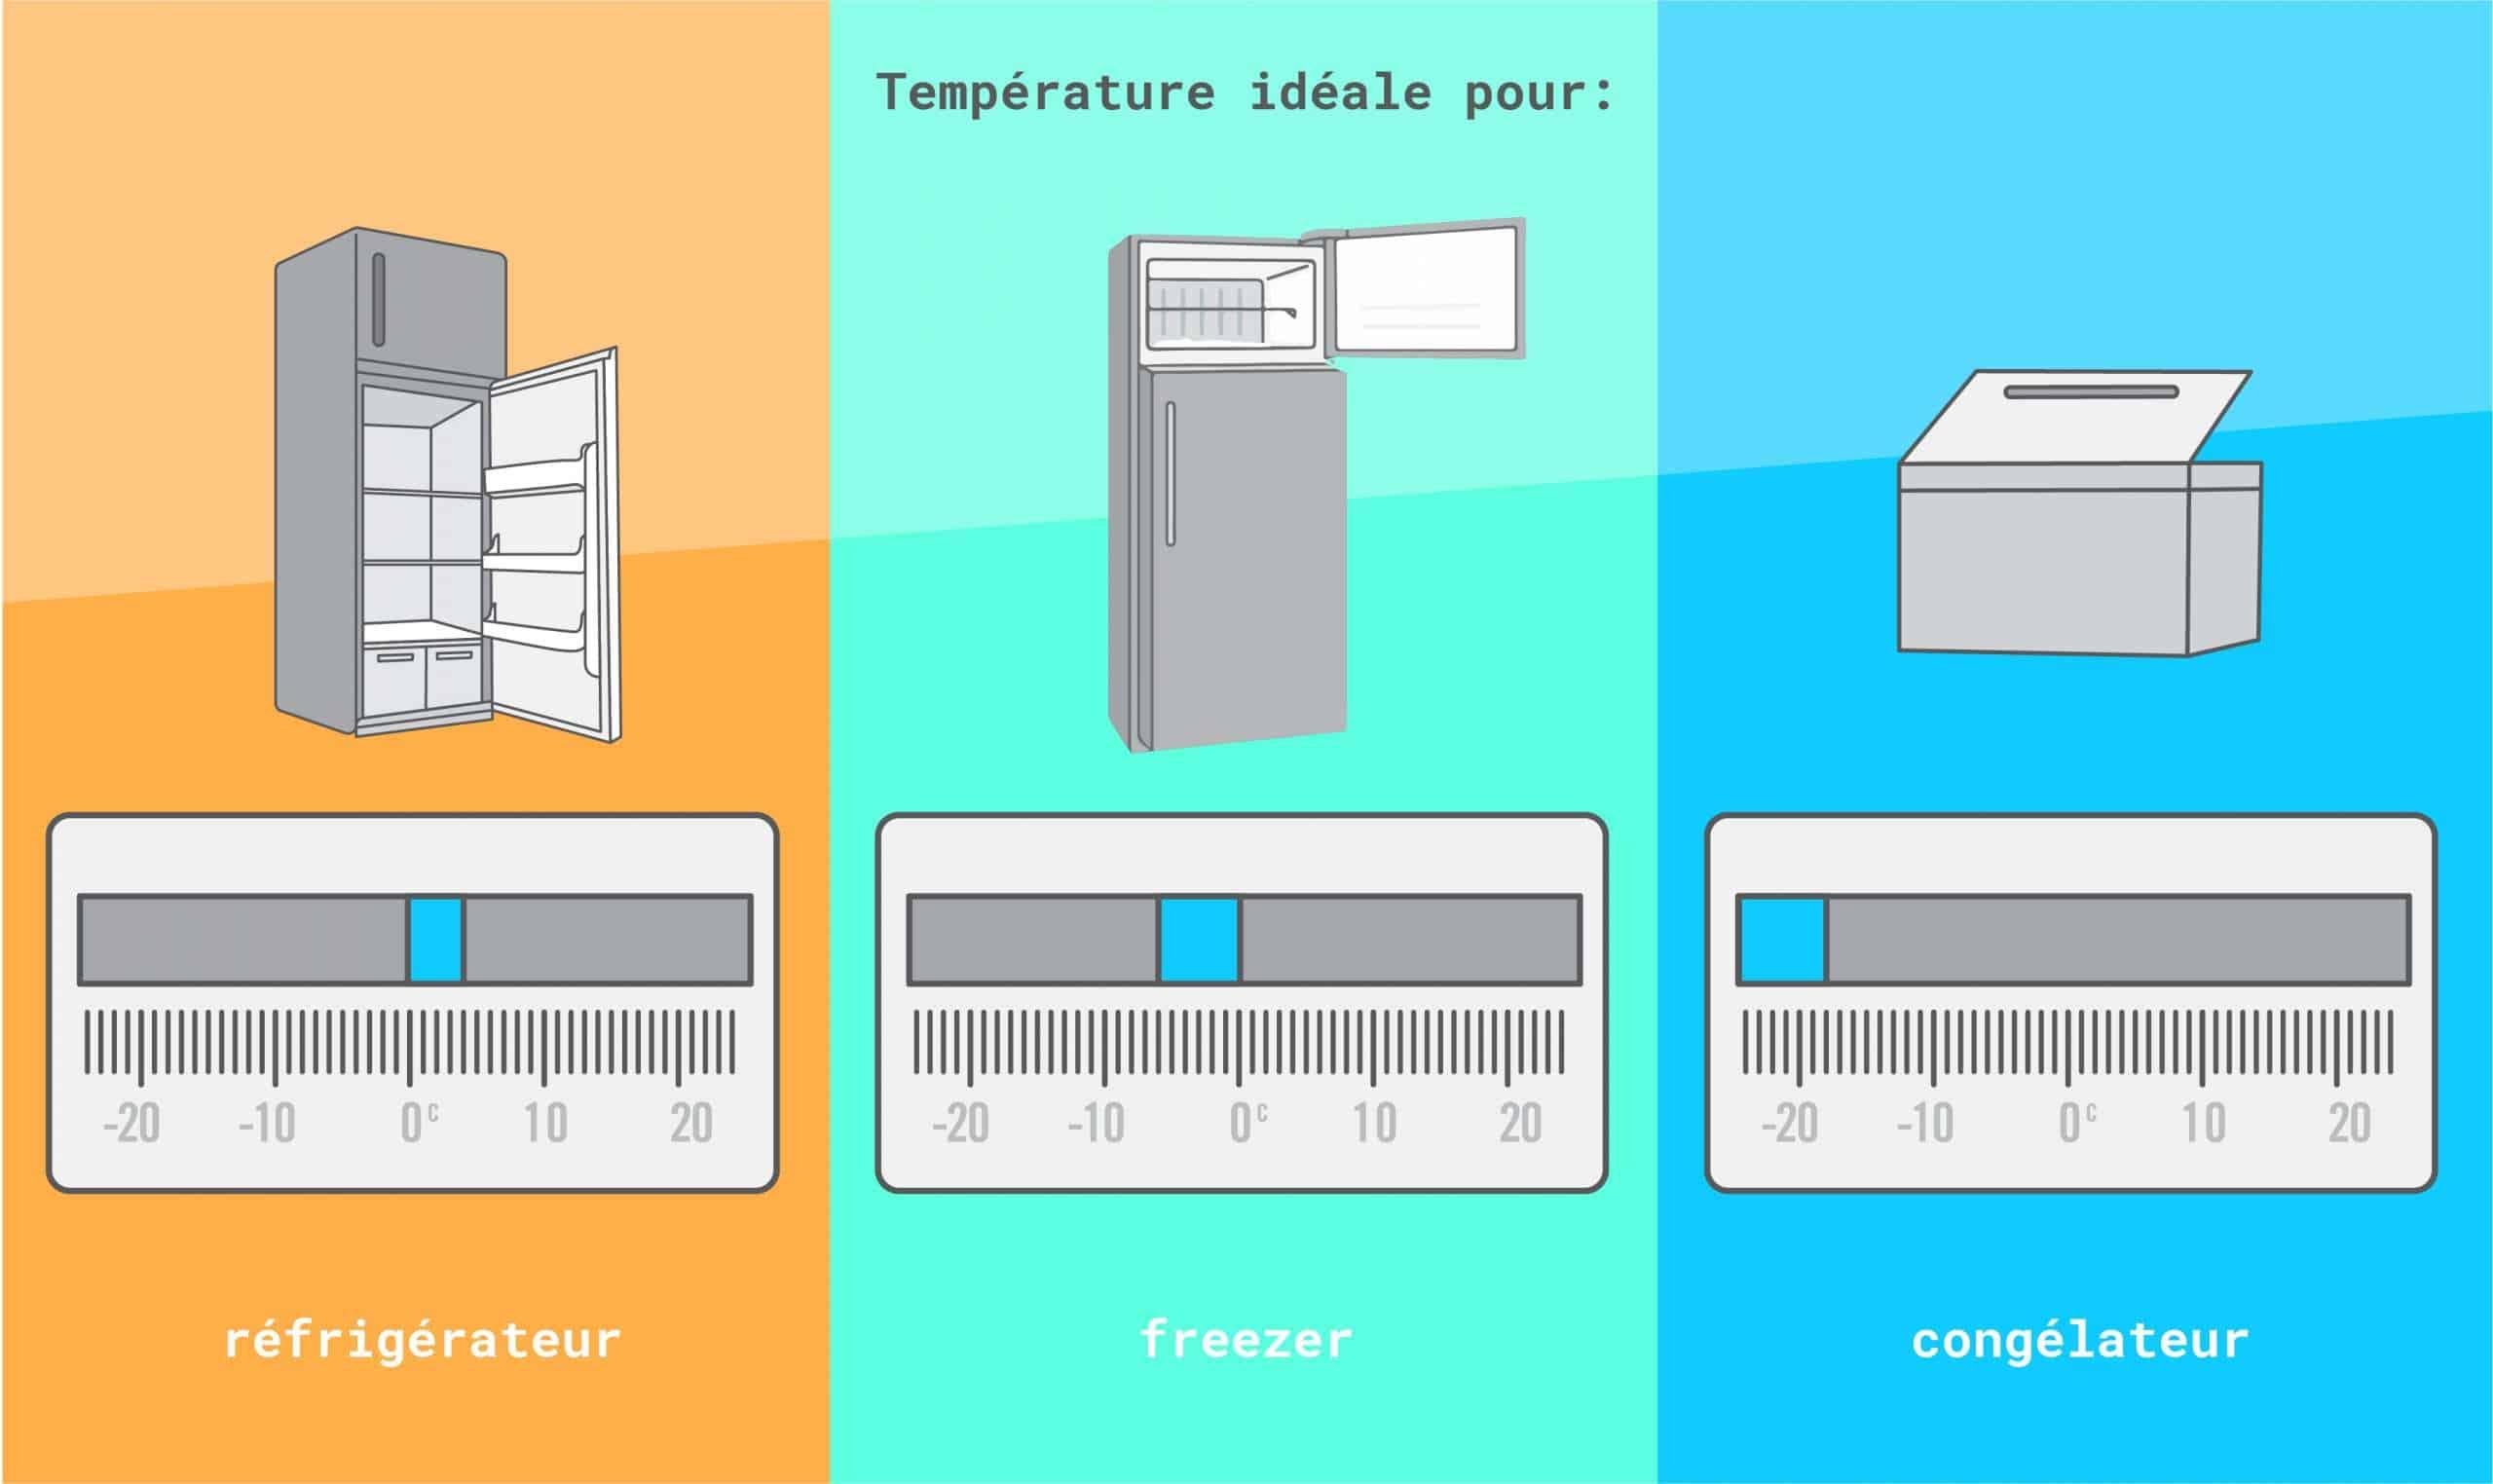 Quelle est la température idéale pour un frigo, un freezer et un congélateur ?